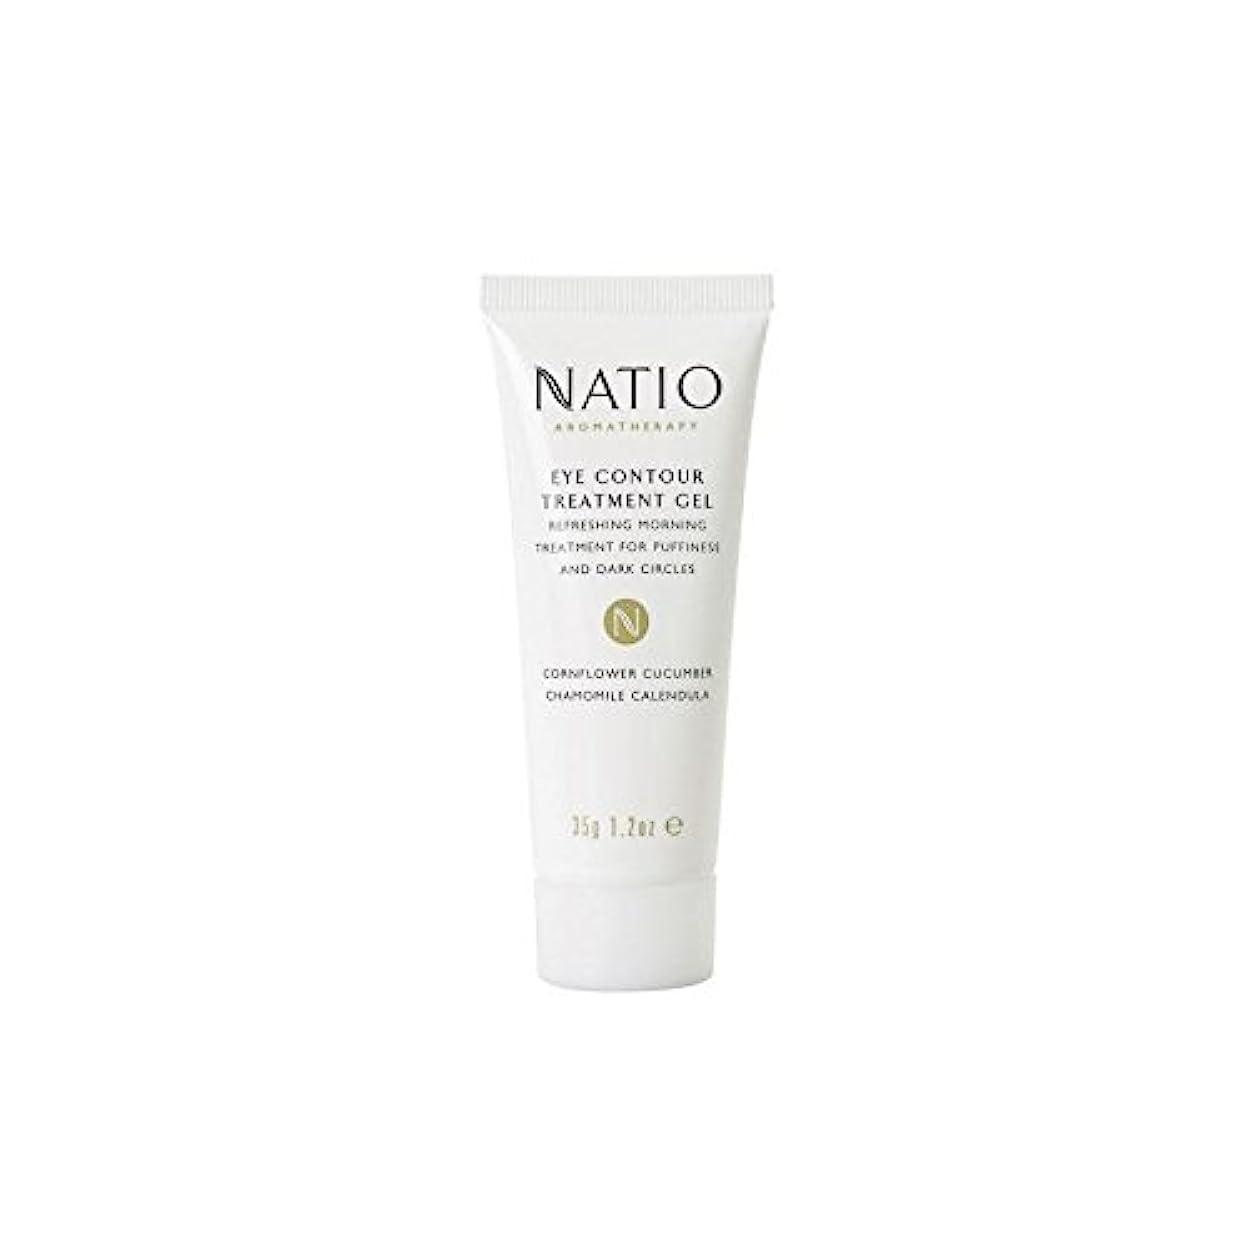 パンフレットパーツ参照眼輪郭処理ゲル(35グラム) x4 - Natio Eye Contour Treatment Gel (35G) (Pack of 4) [並行輸入品]